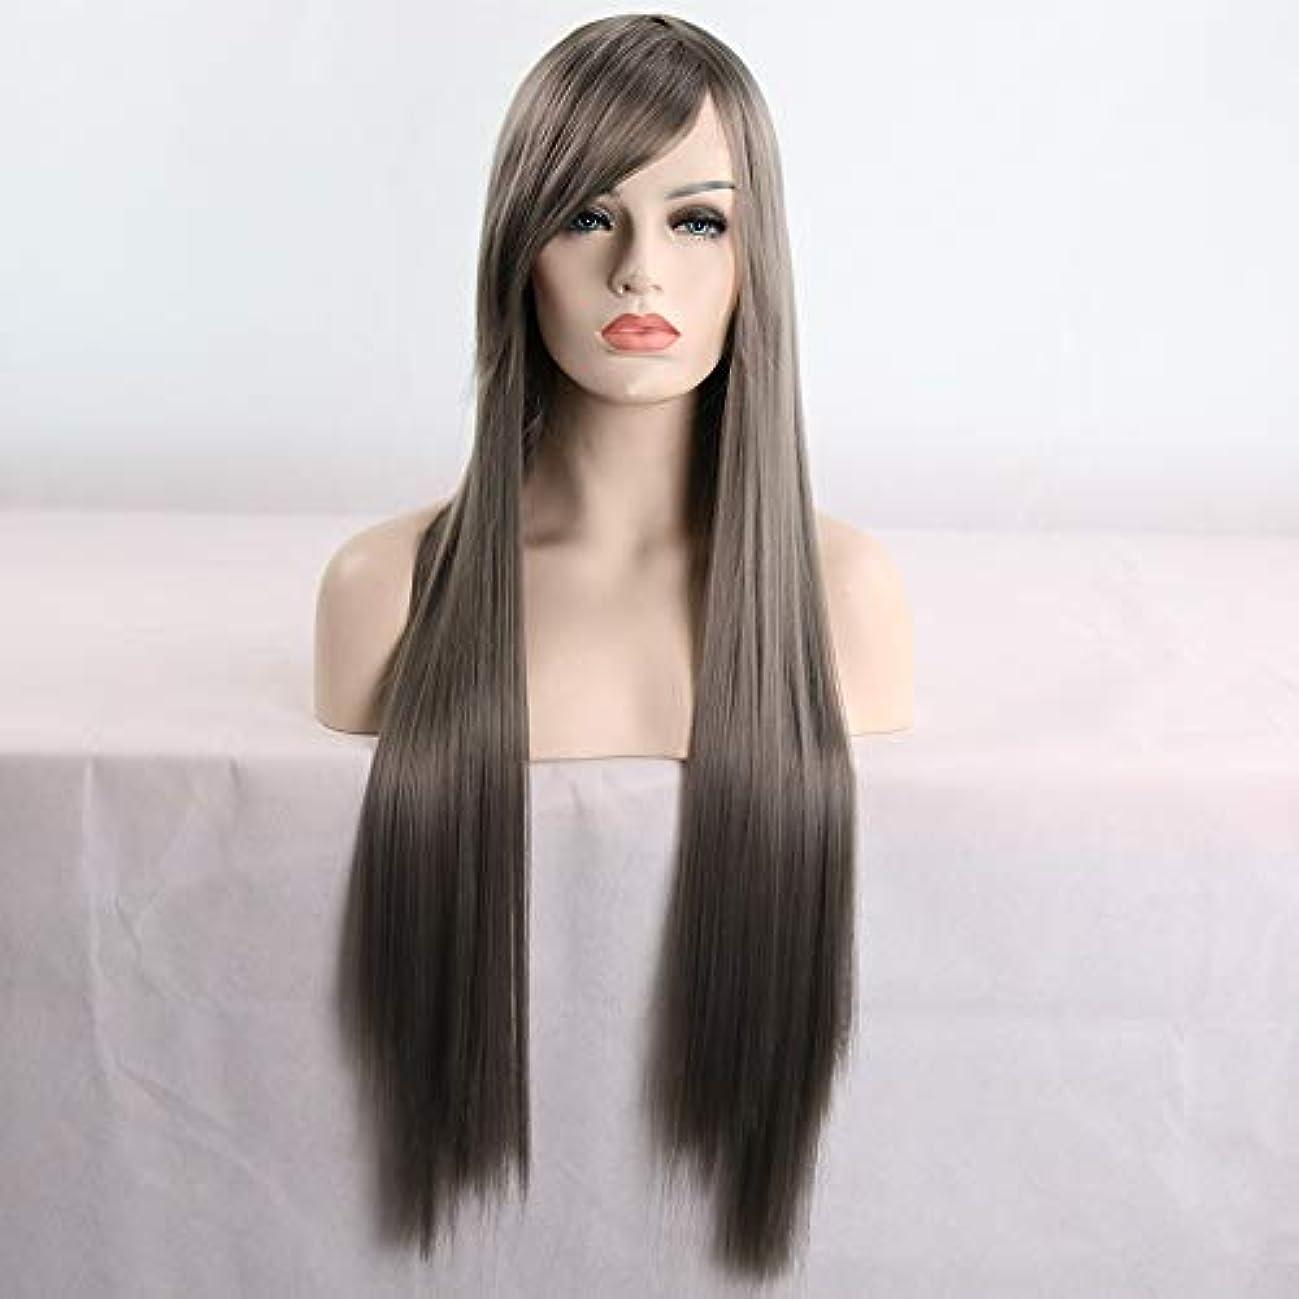 考古学ご意見かどうか女性用ロングナチュラルストレートヘアウィッグ31インチ人工毛替えウィッグハロウィンコスプレ衣装アニメパーティーウィッグ(ウィッグキャップ付き) (Color : Gray)